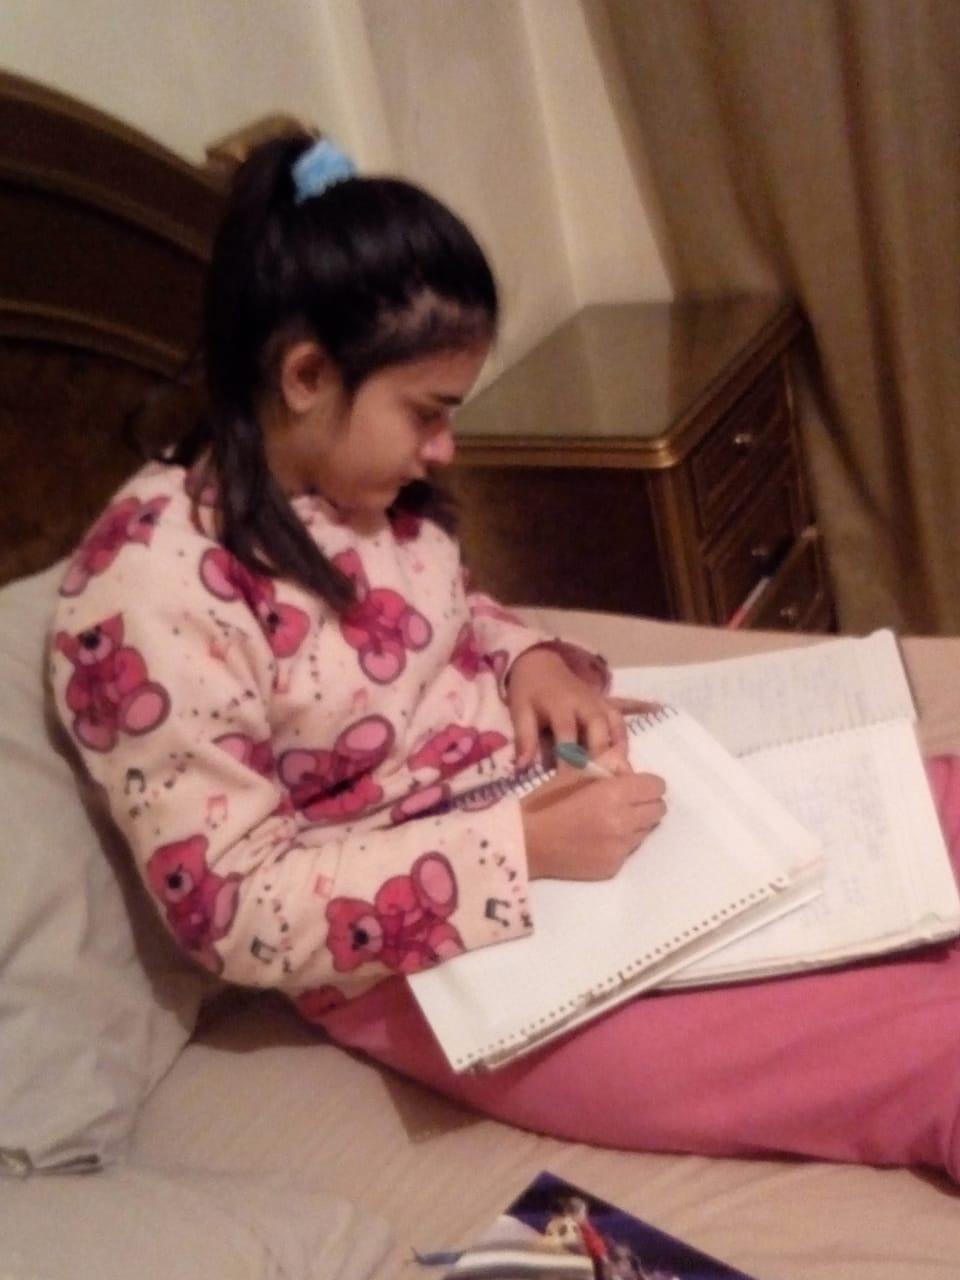 Working on my math homework. (Courtesy of Huda)